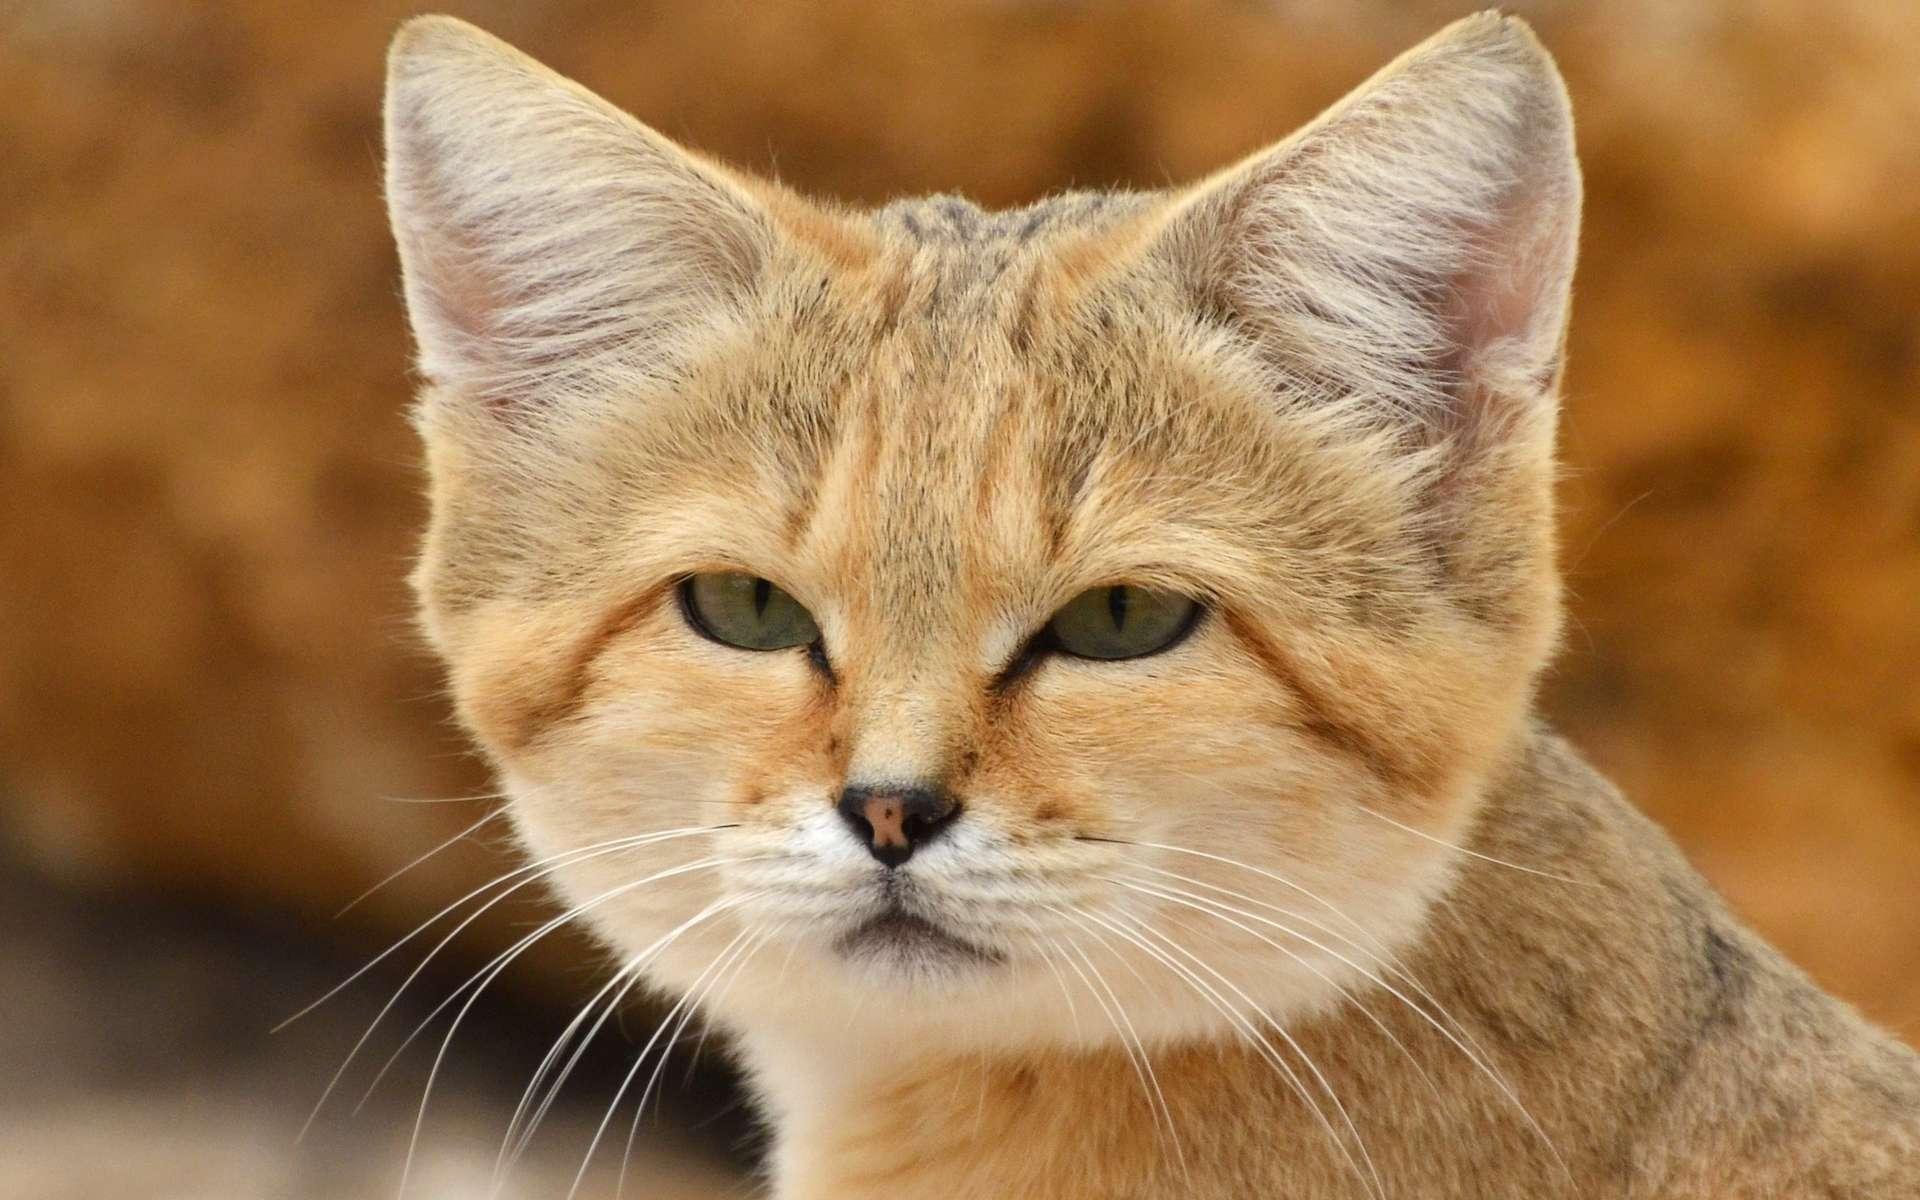 Spécimen de chat des sables (Felis margarita harrisoni). L'espèce est quasi menacée en Afrique et en danger dans les Émirats arabes unis. © Clément Bardot, Wikipédia, CC by-sa 4.0